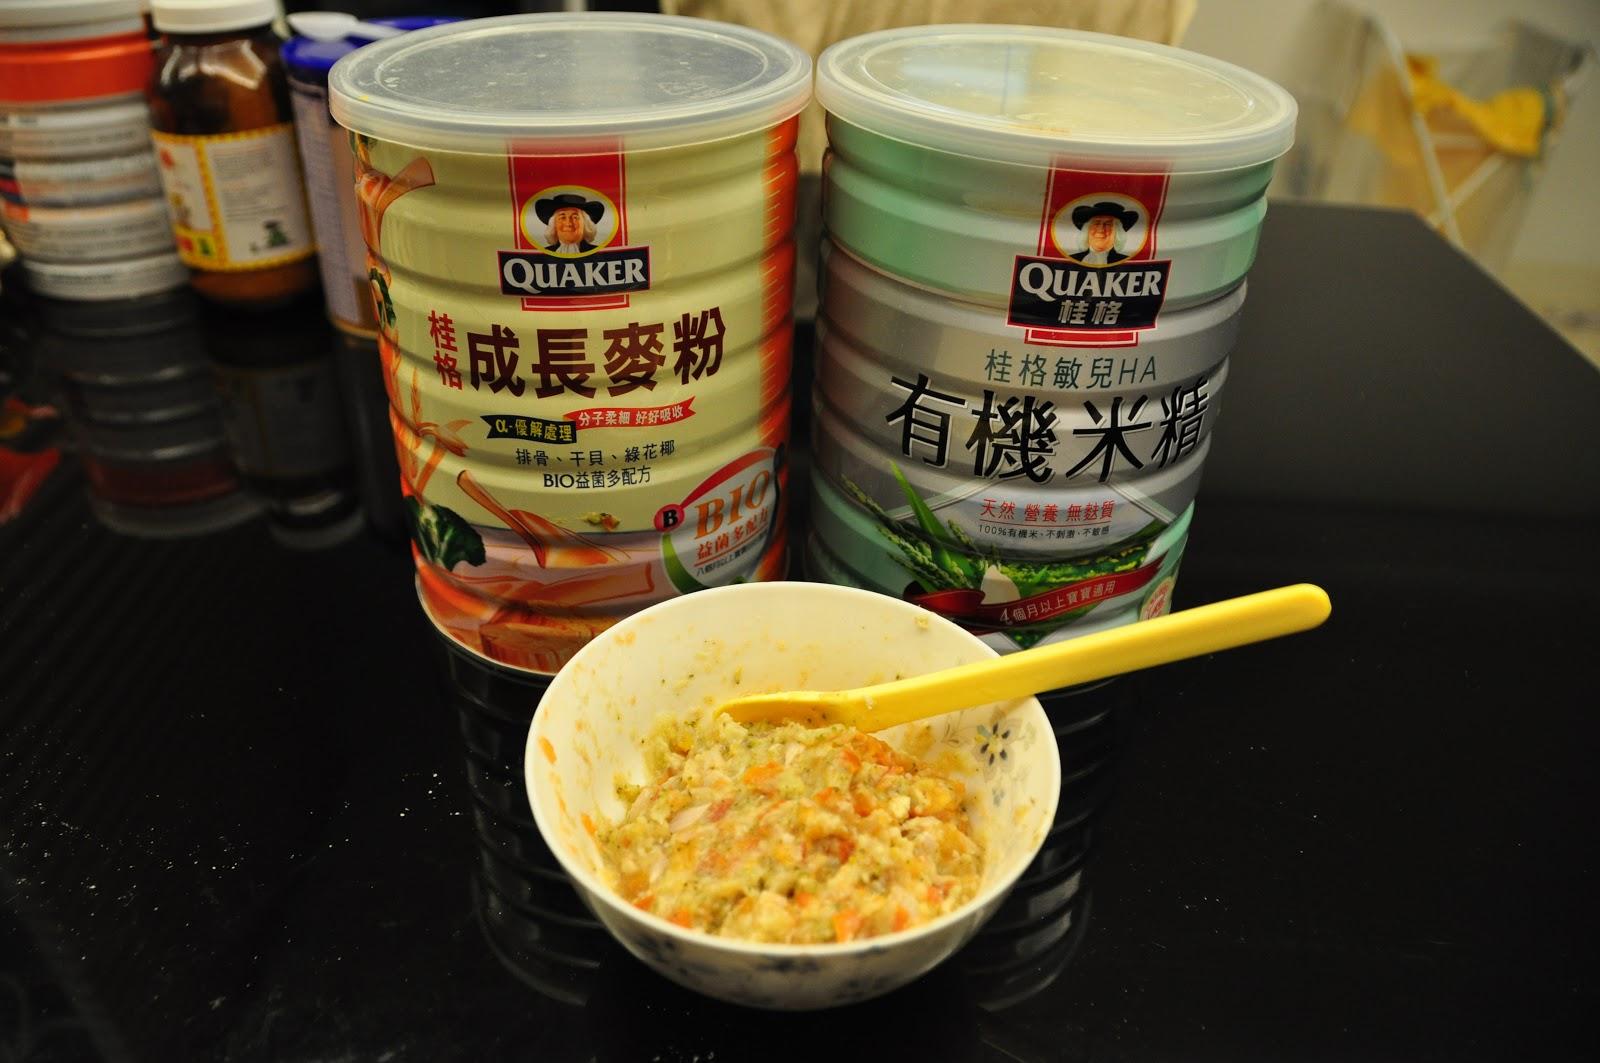 嬰兒副食品份量  - 綠蟲網 - BidWiperShare.com